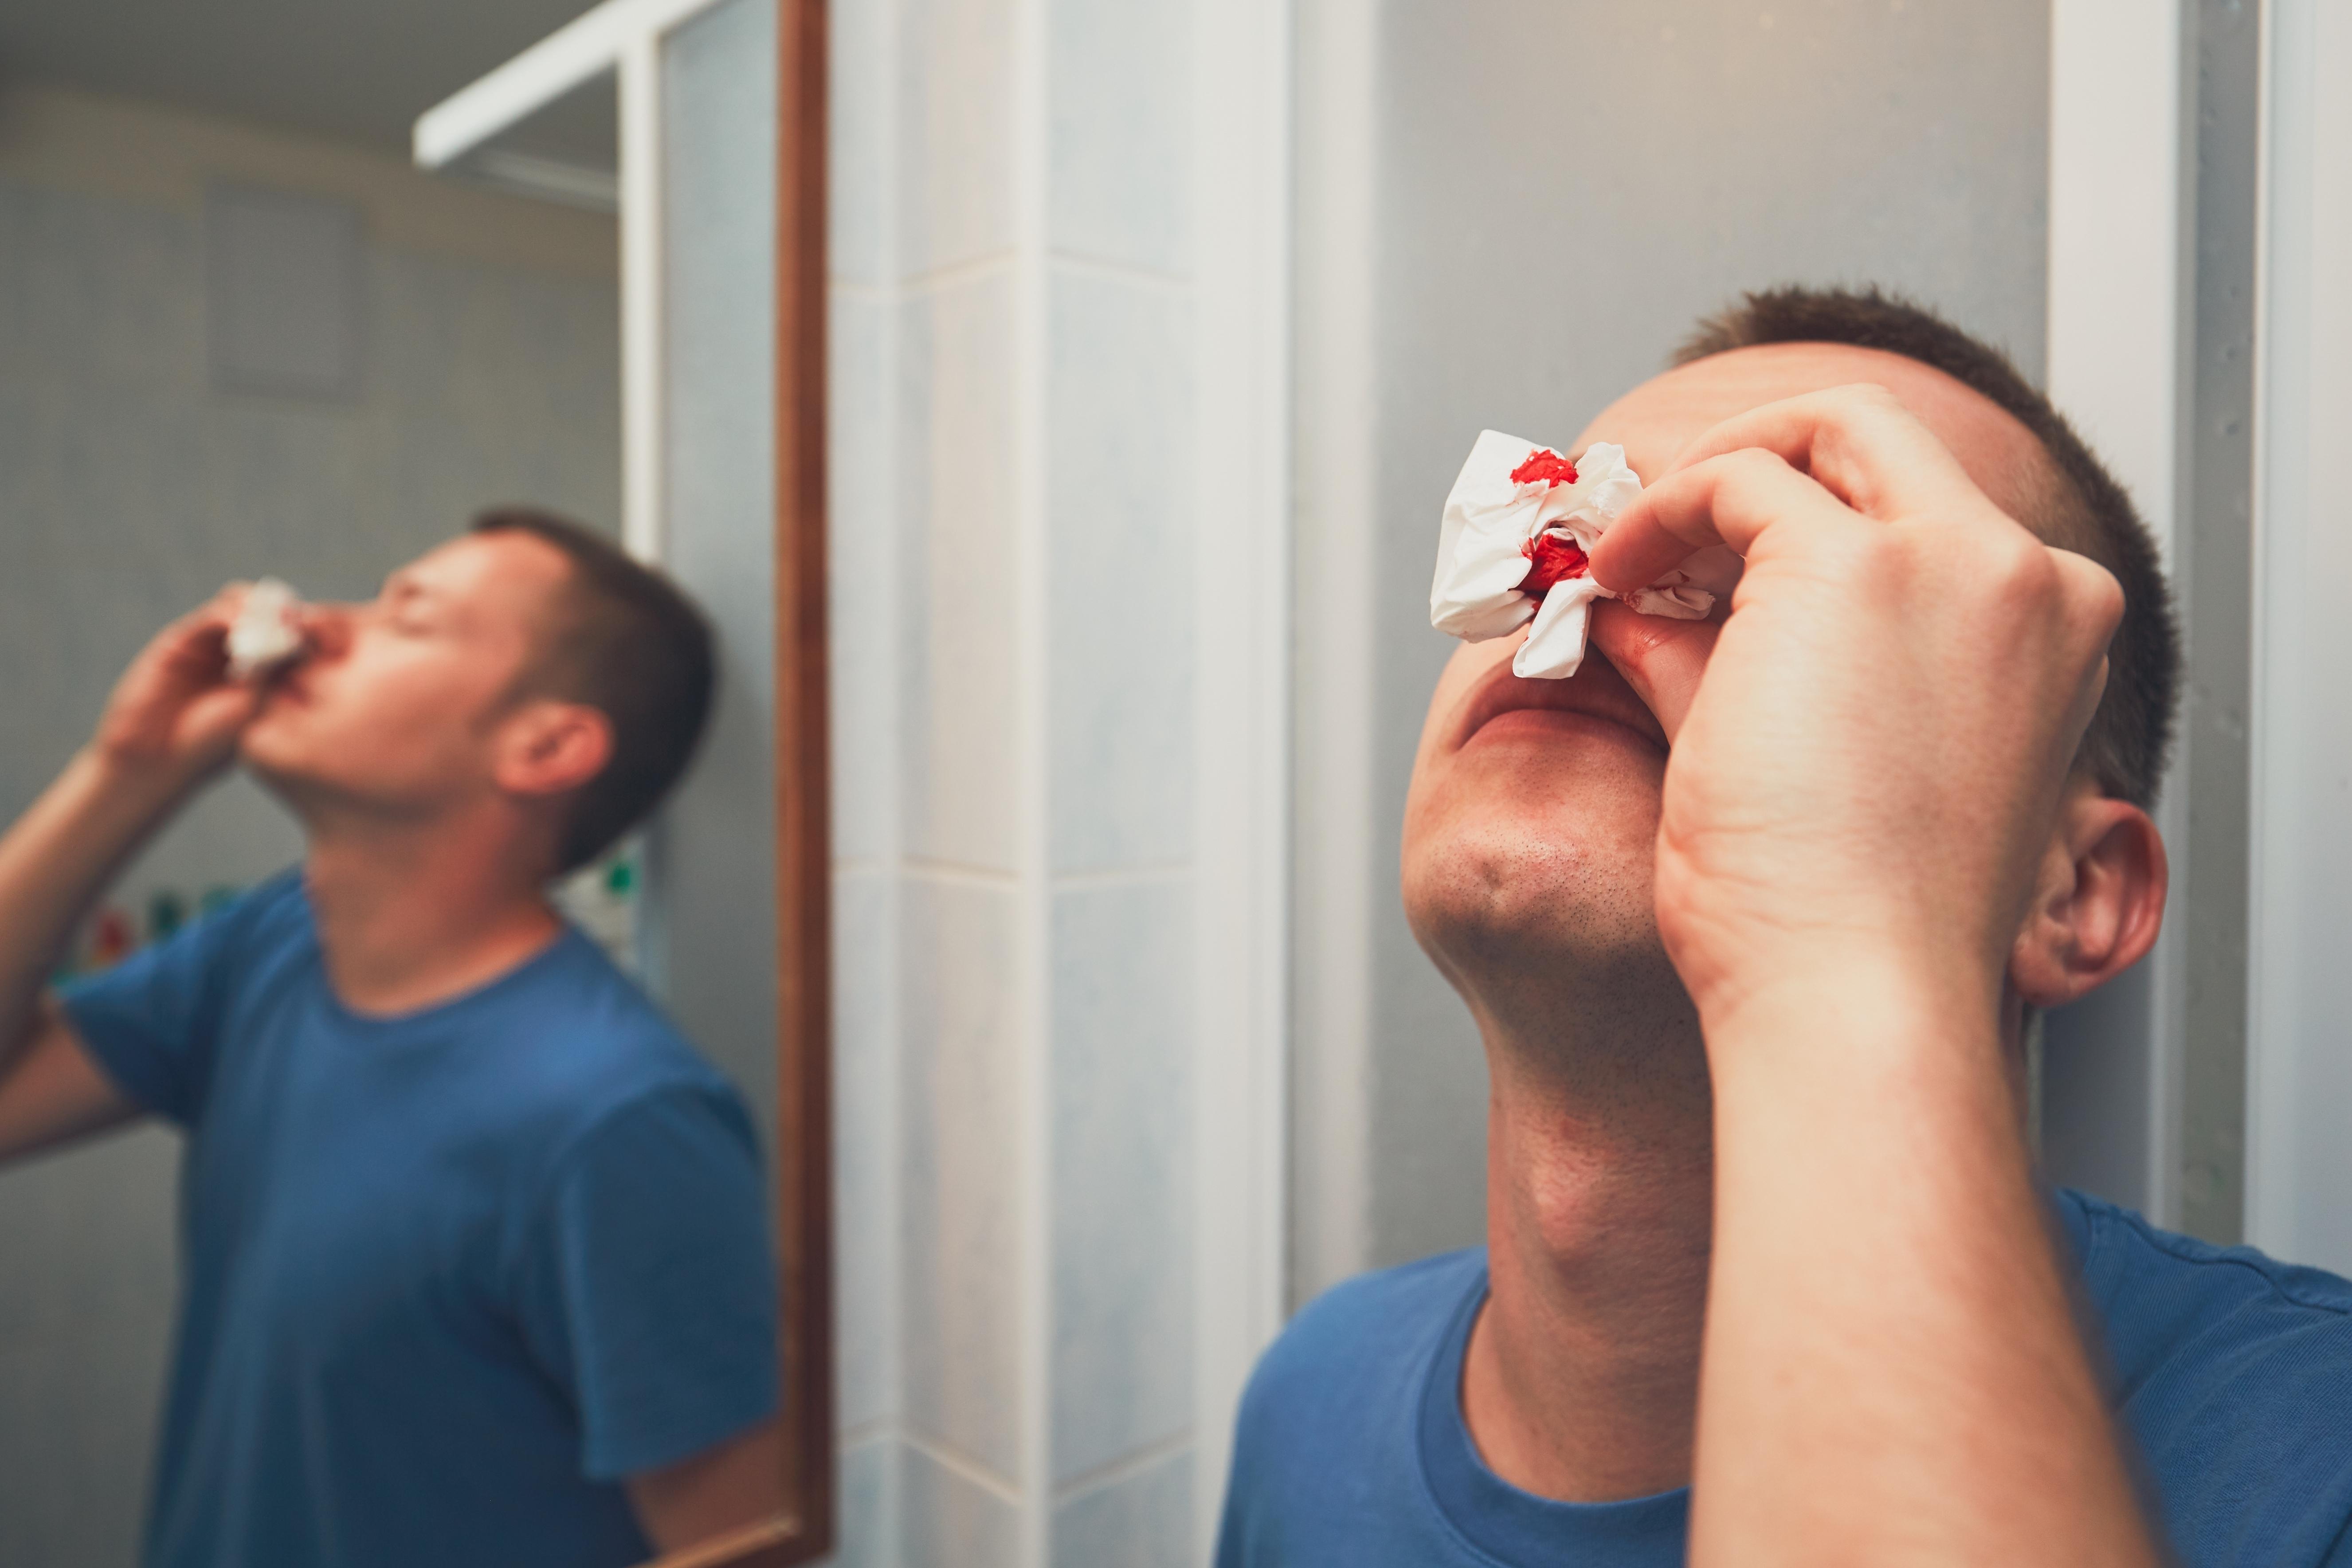 Näsblod förekommer ofta vid blödarsjukan.